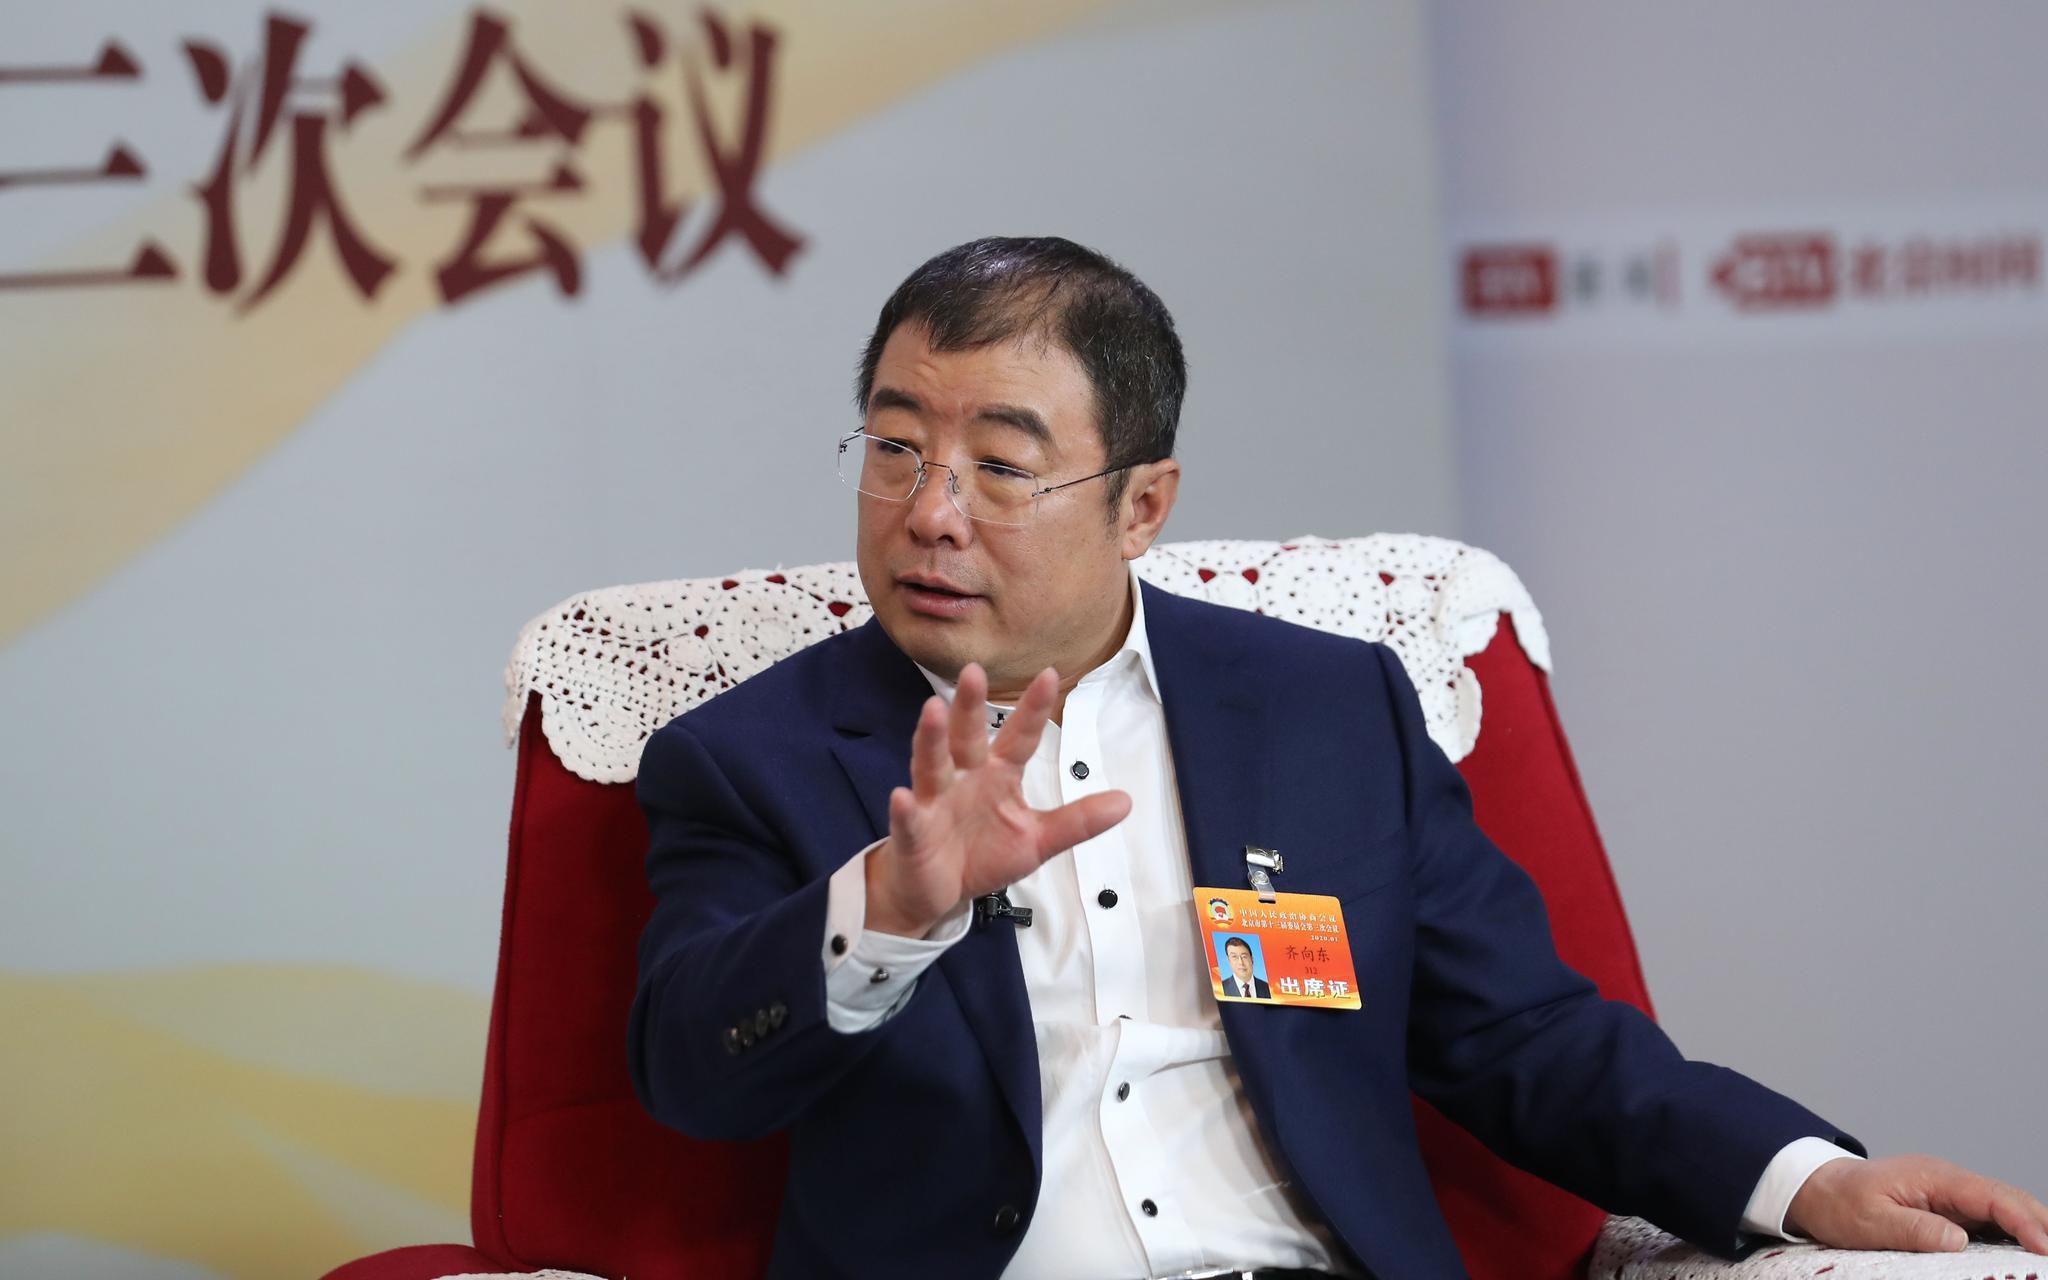 市政协委员齐向东:将为北京冬奥会定制网络安全系统图片